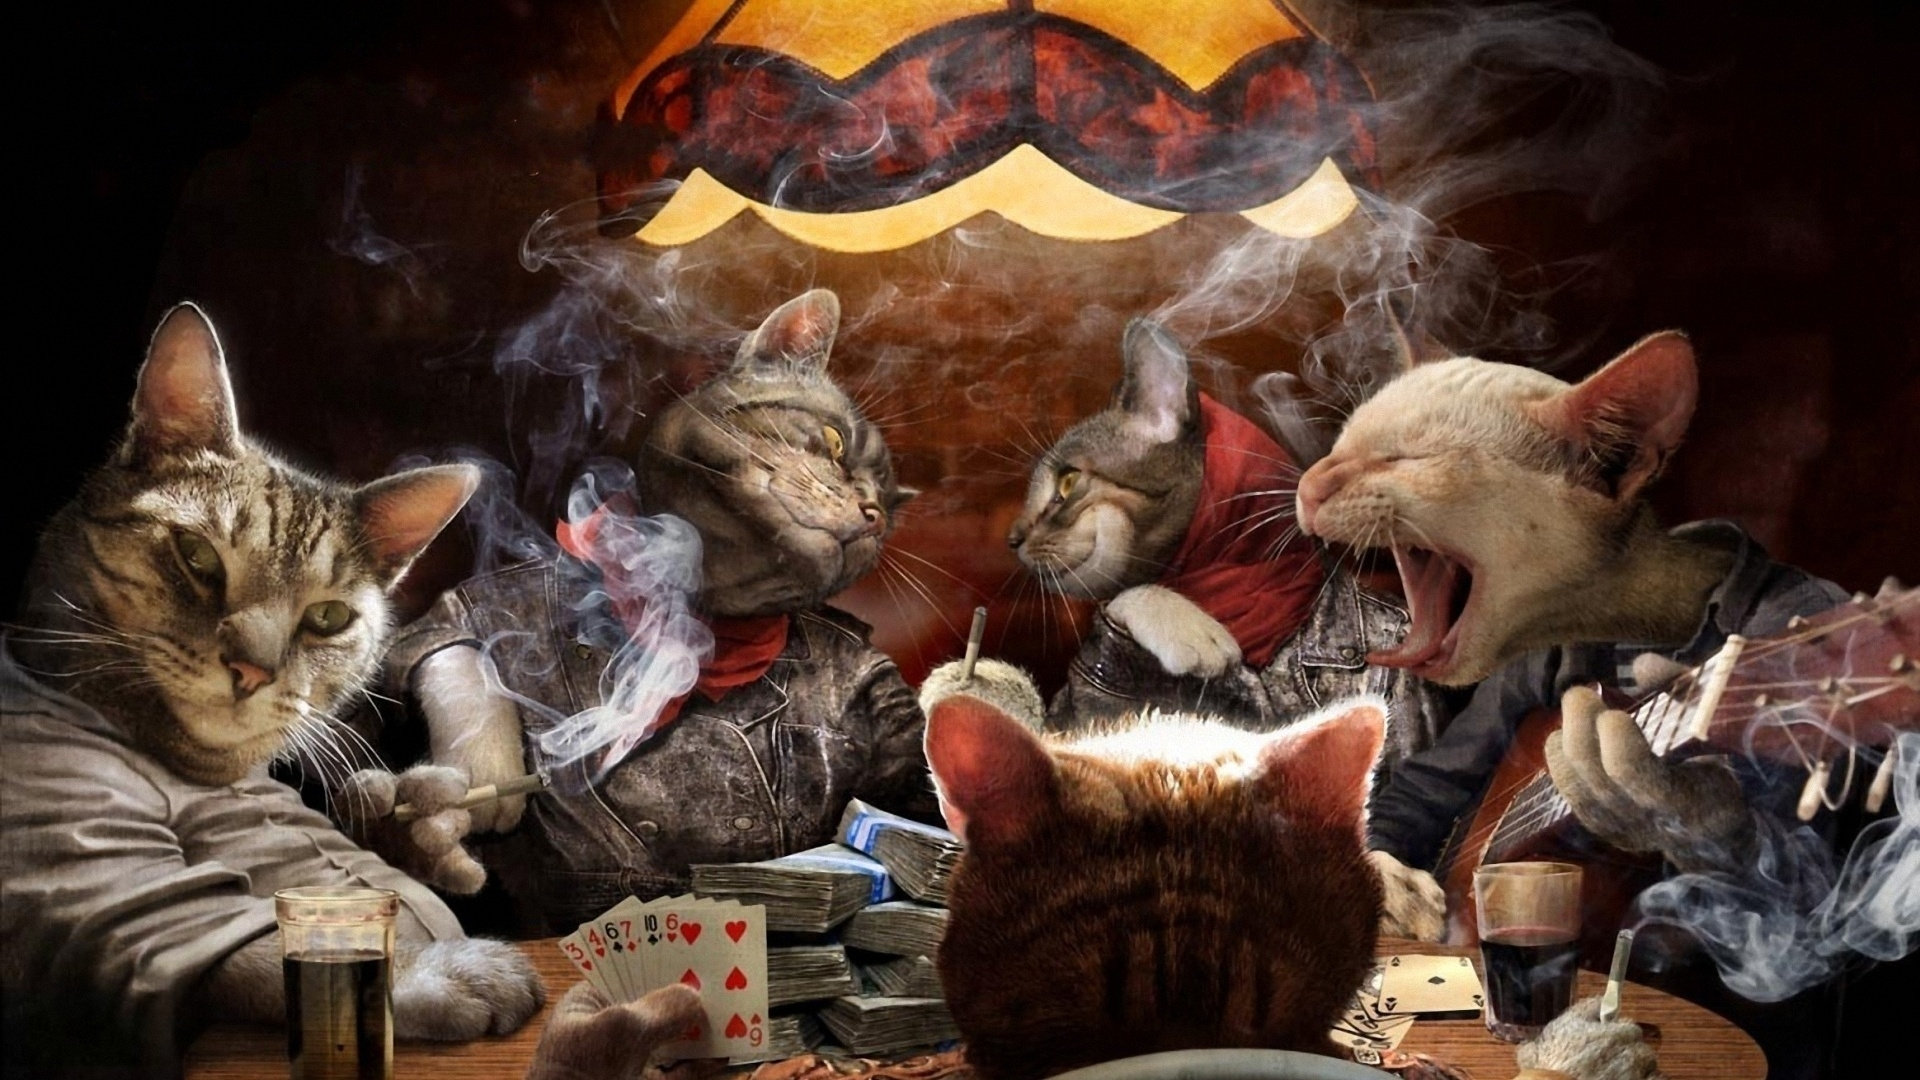 49890 скачать обои Животные, Кошки (Коты, Котики), Рисунки - заставки и картинки бесплатно